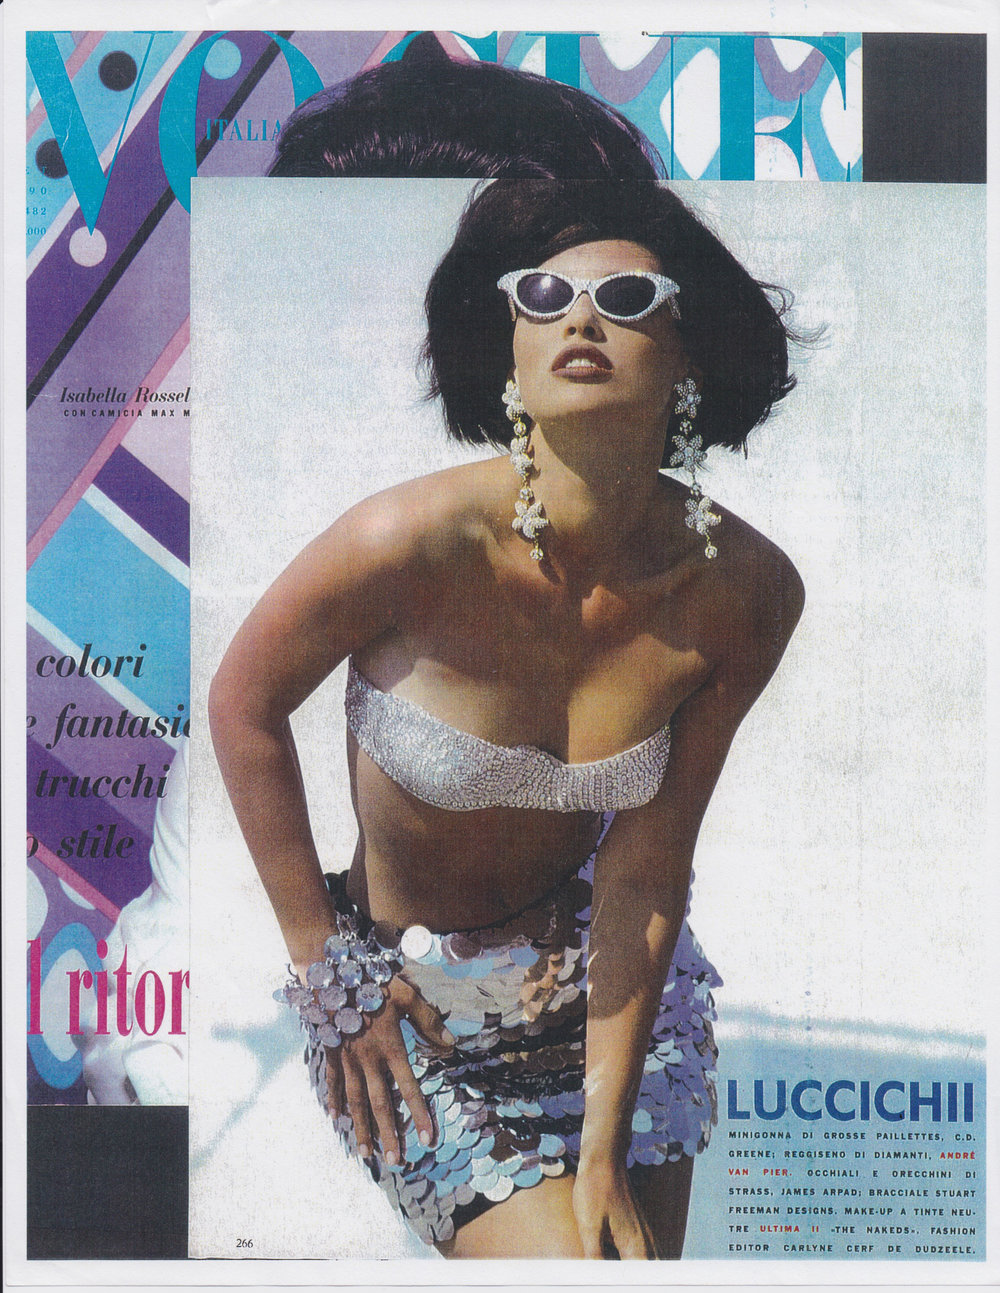 Vogue Italia September 1990